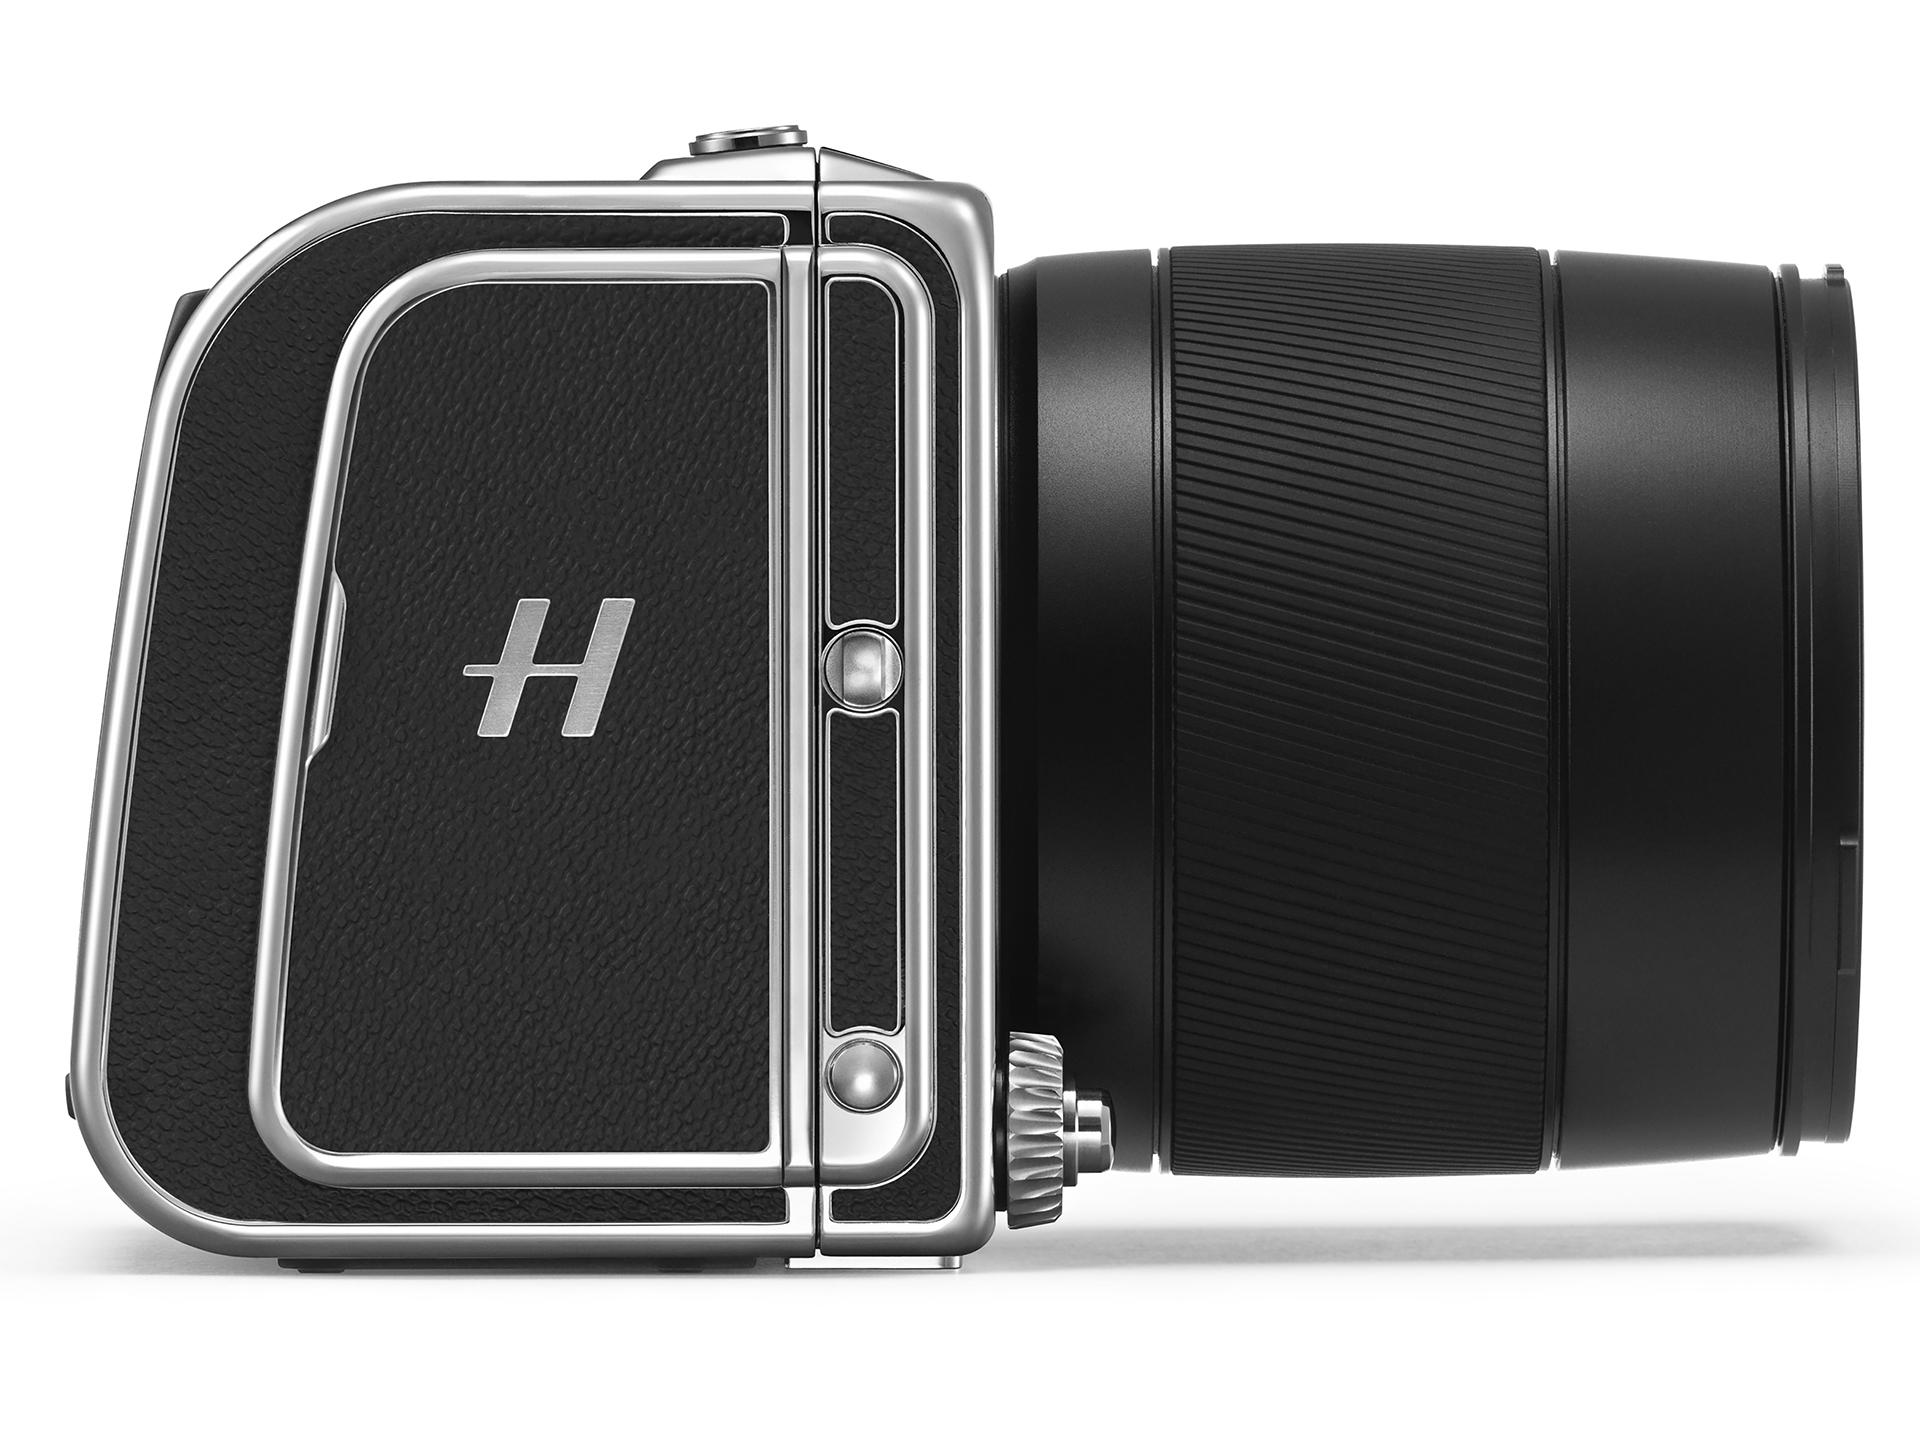 Hasselblad updates CFV digital back for V-system film